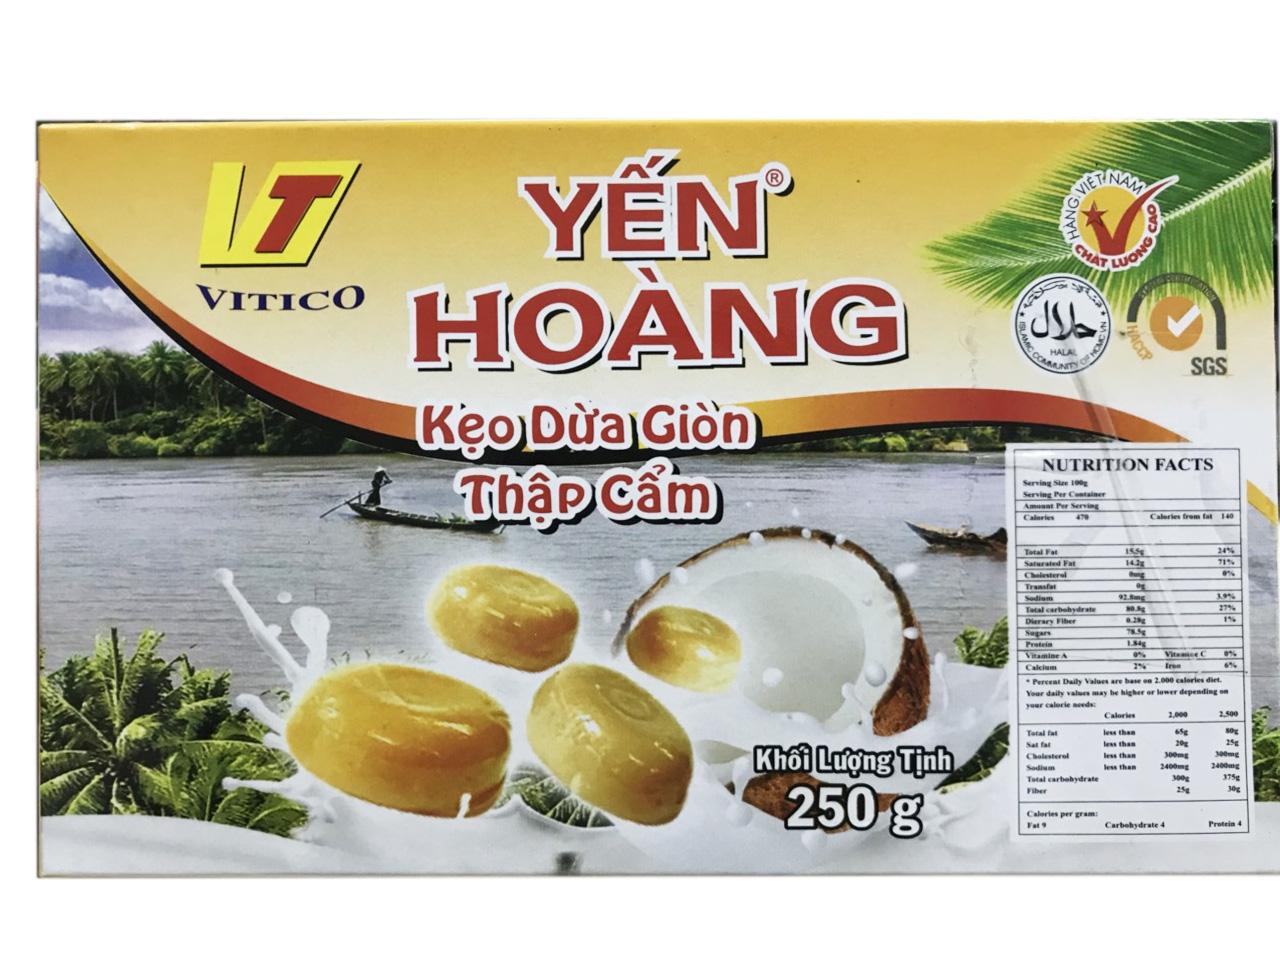 Kẹo Dừa Giòn Thập Cẩm Yến Hoàng – Hộp 250g